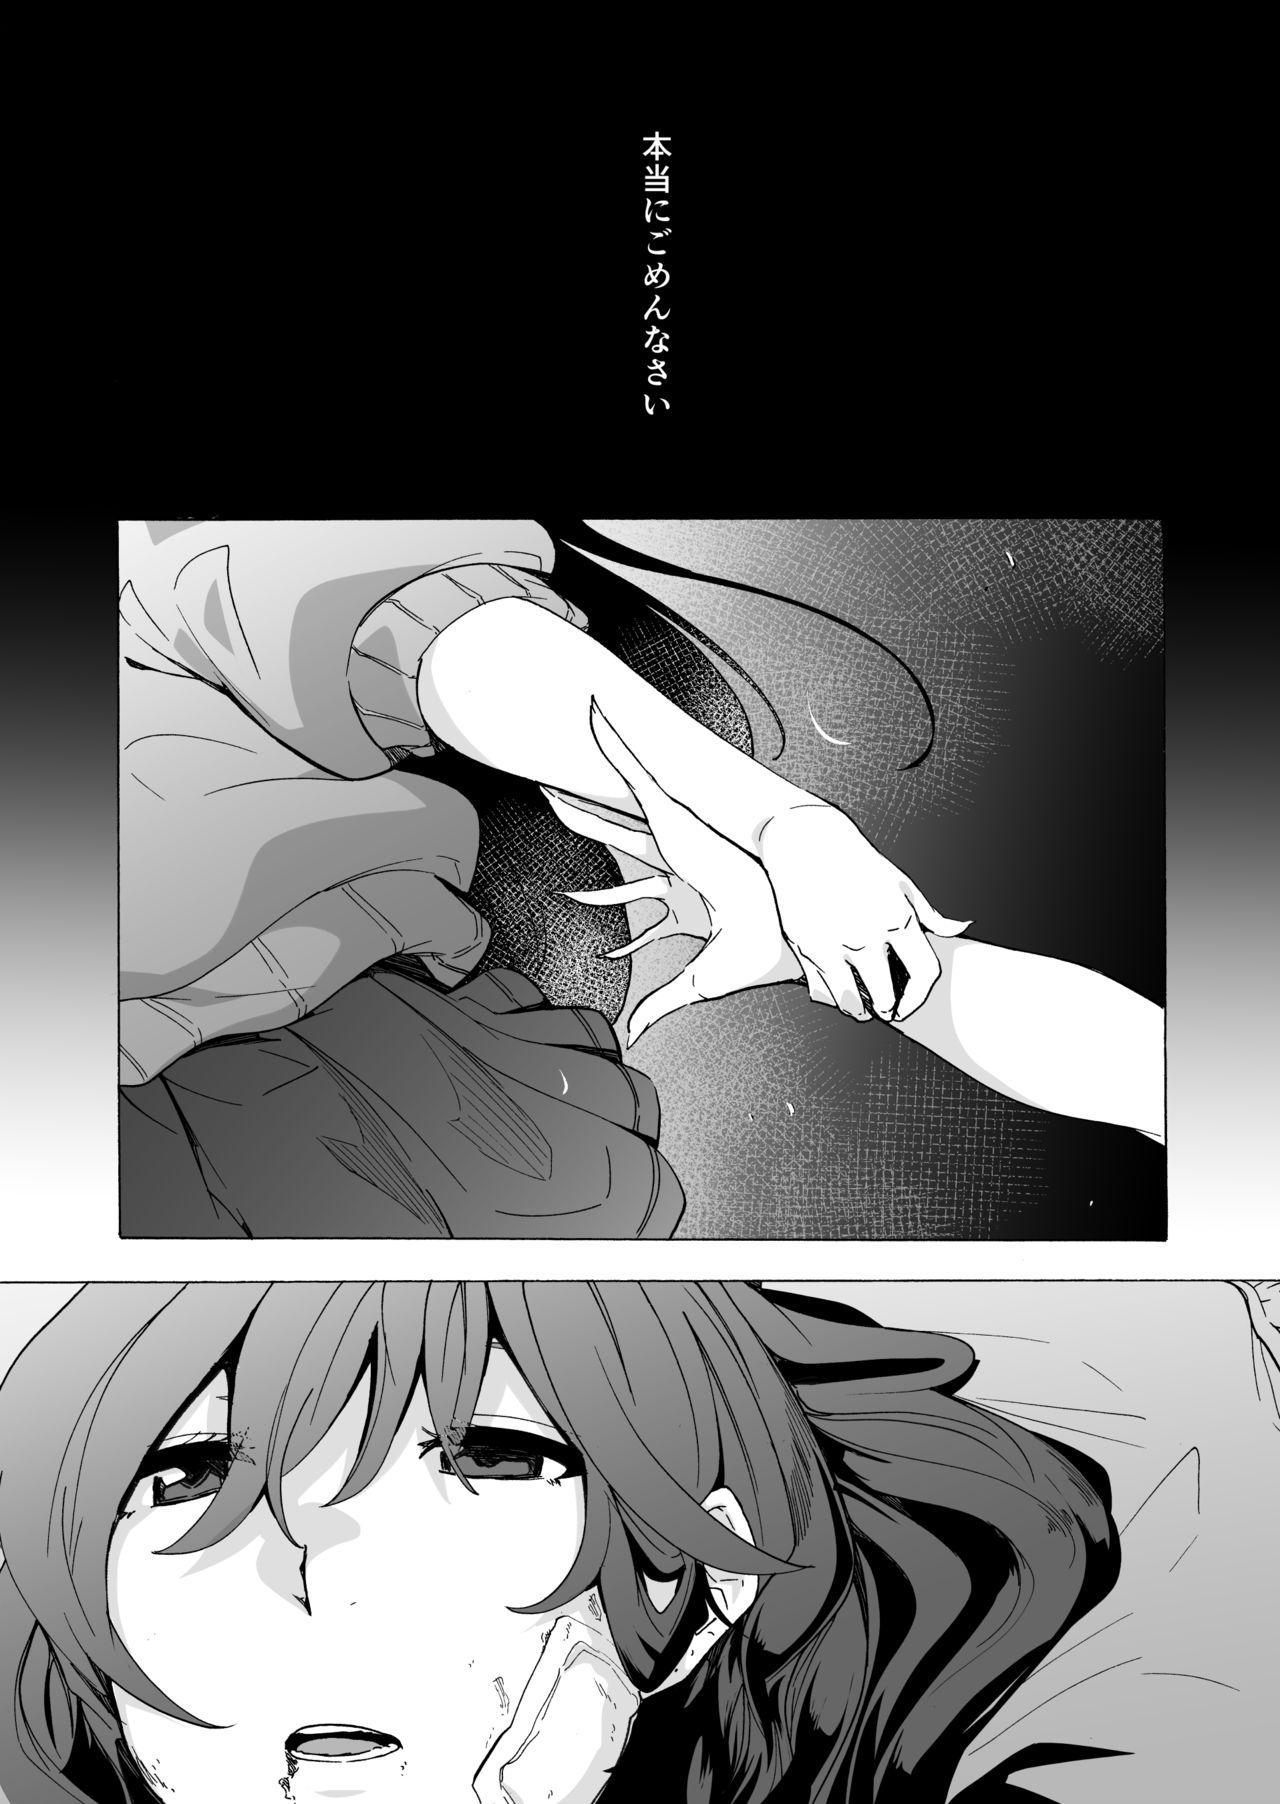 ゲームオブビッチーズ第6話 30